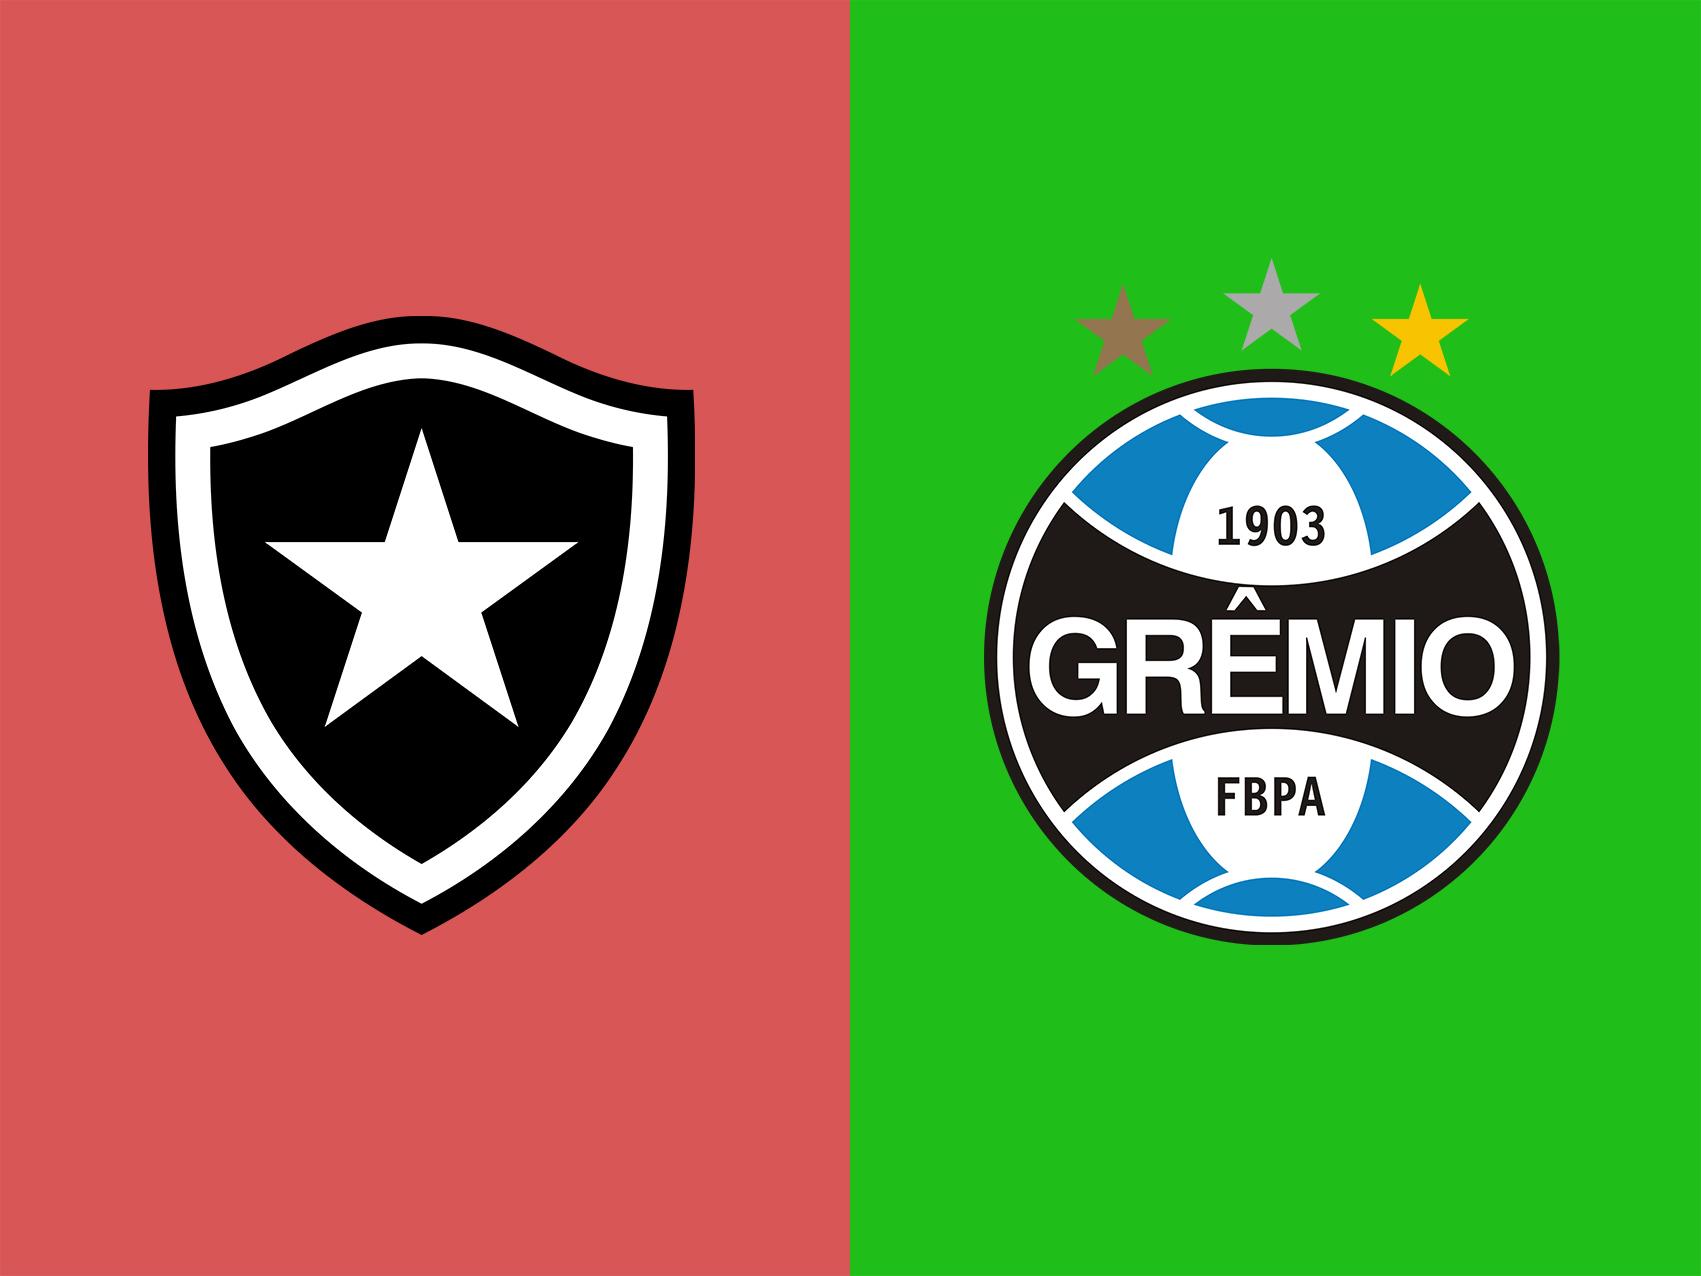 botafogo-vs-gremio-soi-keo-vdqg-brazil-13-06-giot-le-dang-cay-0